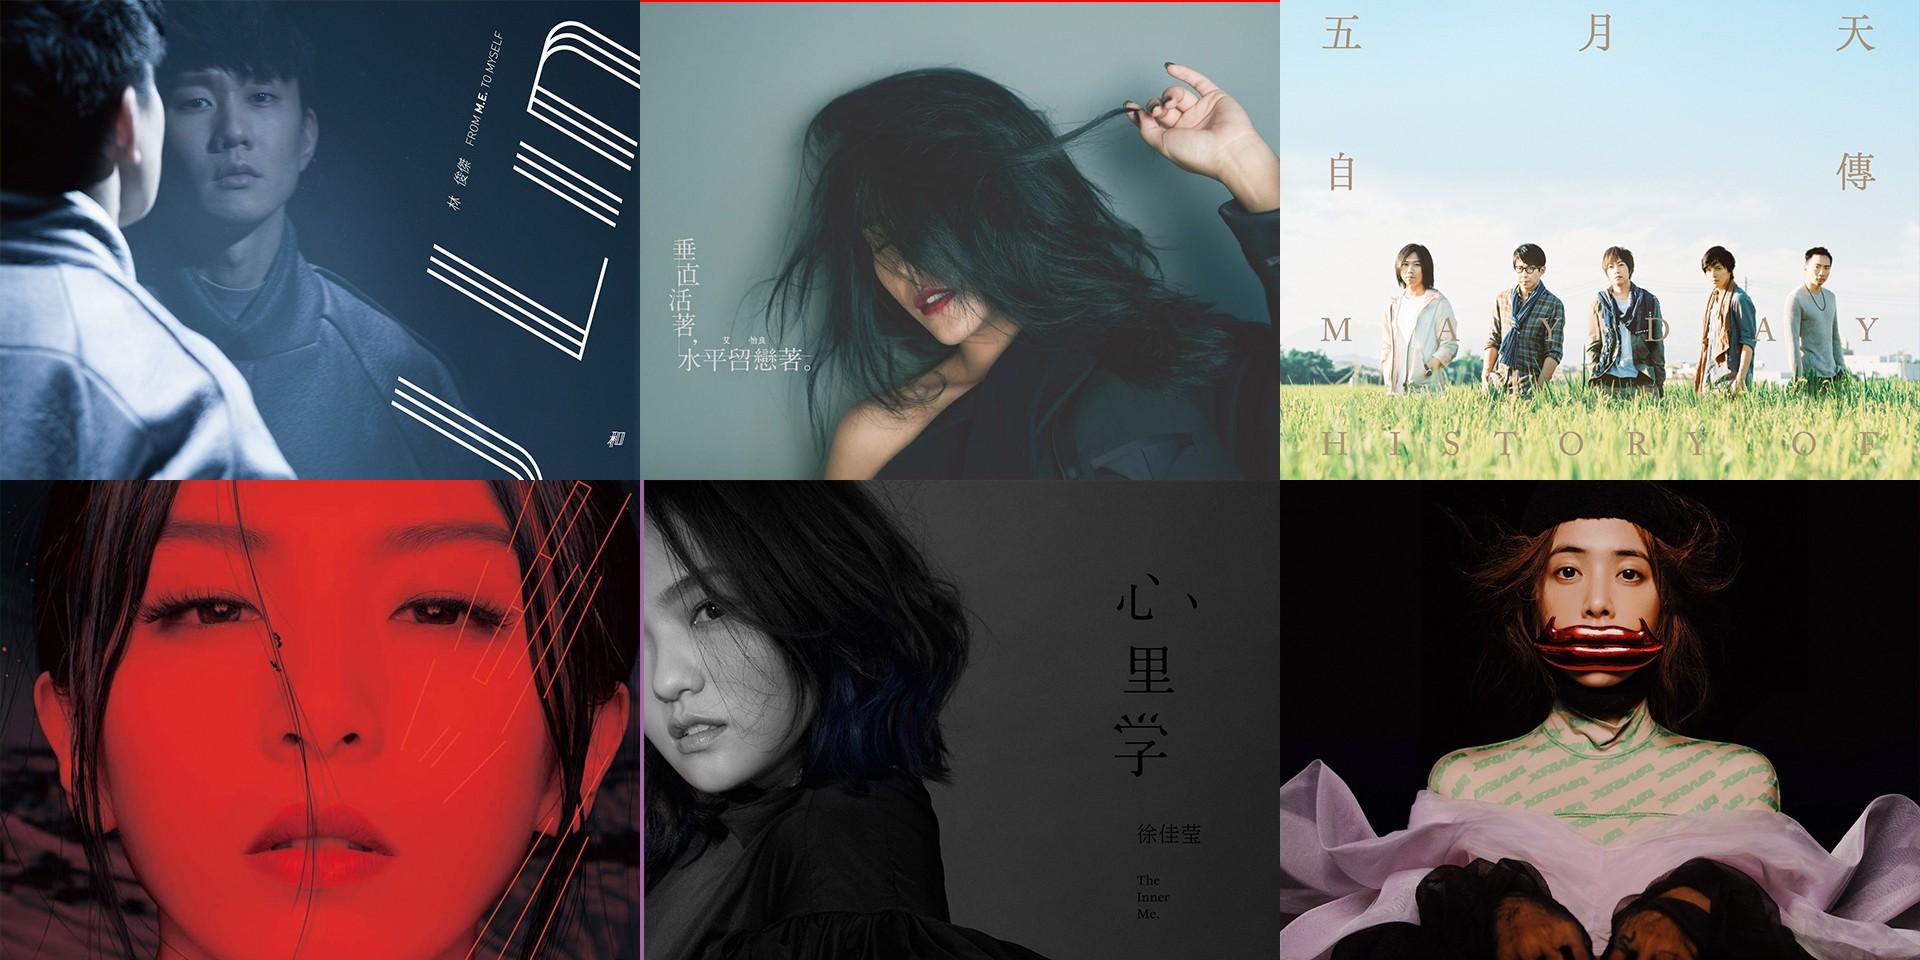 十年大回顾! 2010 - 2019最棒的10张专辑